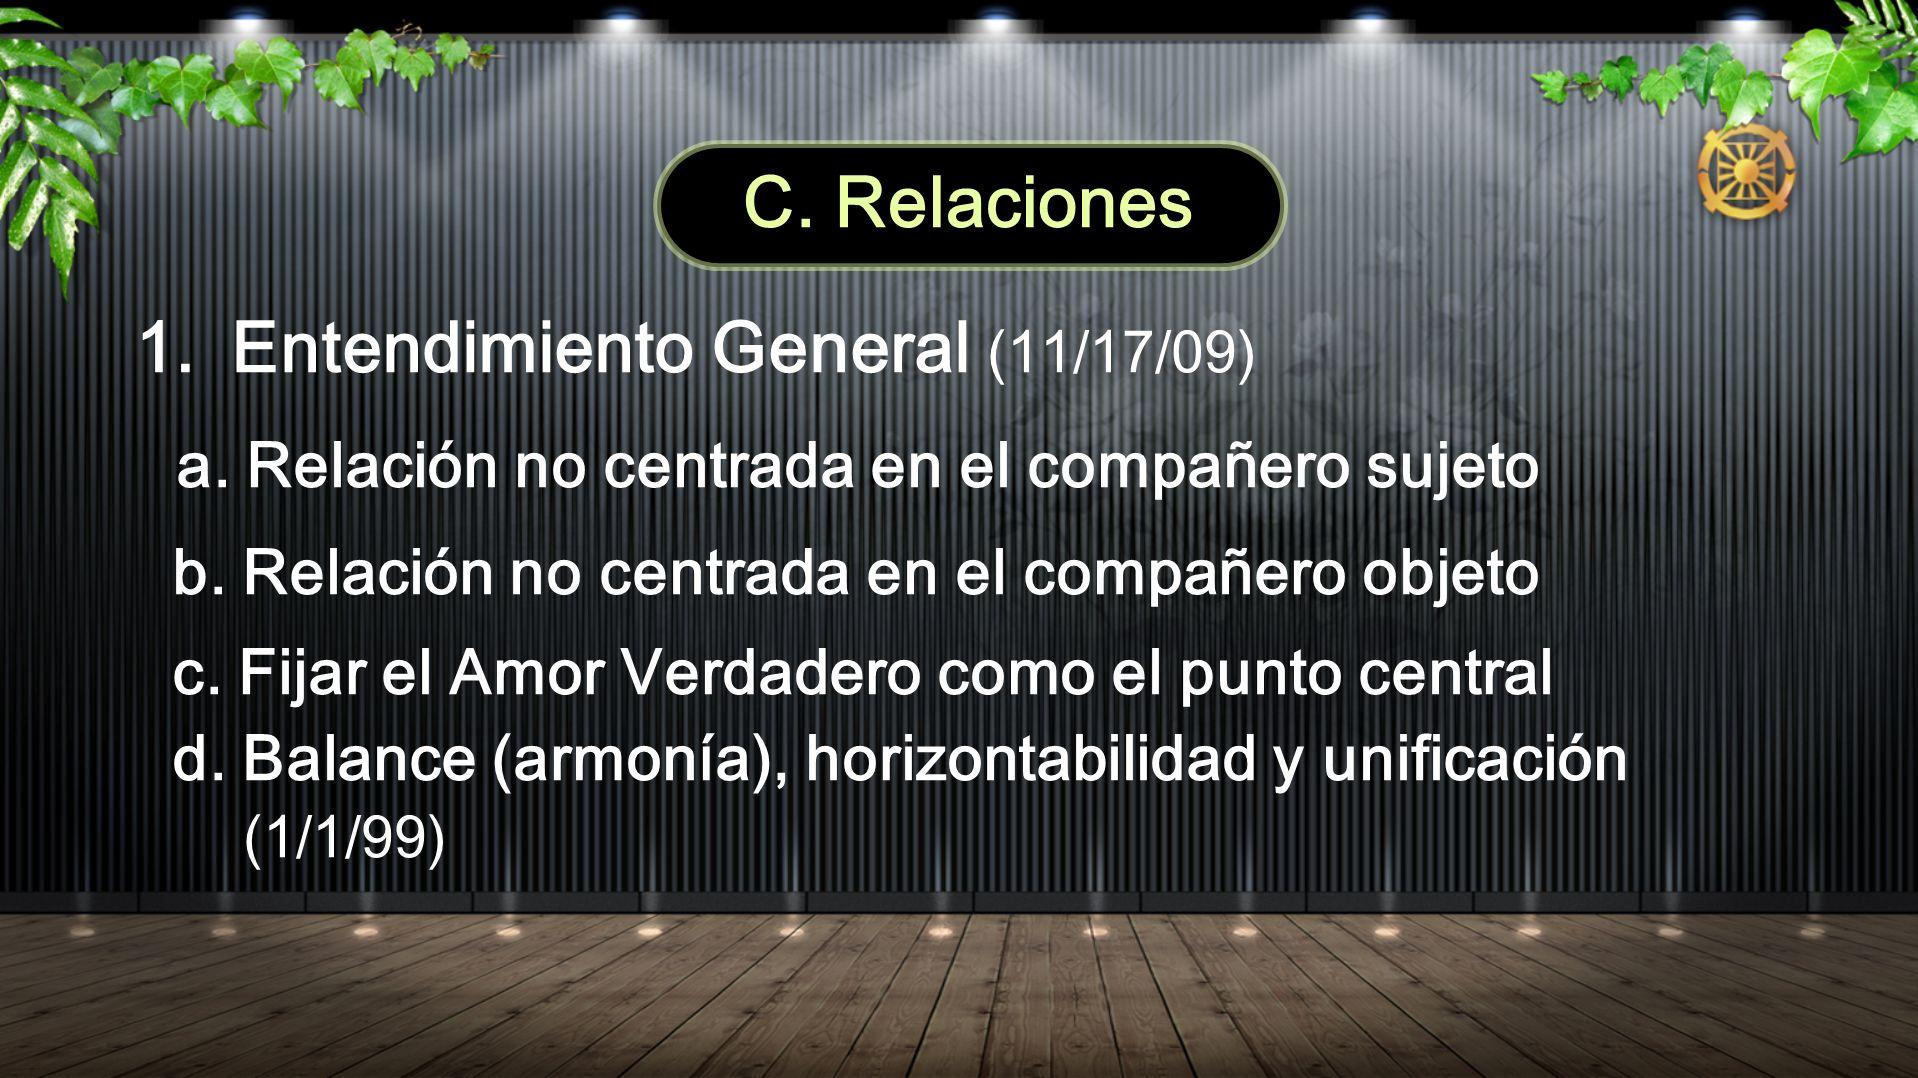 C. Relaciones 1.Entendimiento General (11/17/09) a. Relación no centrada en el compañero sujeto b. Relación no centrada en el compañero objeto c. Fija